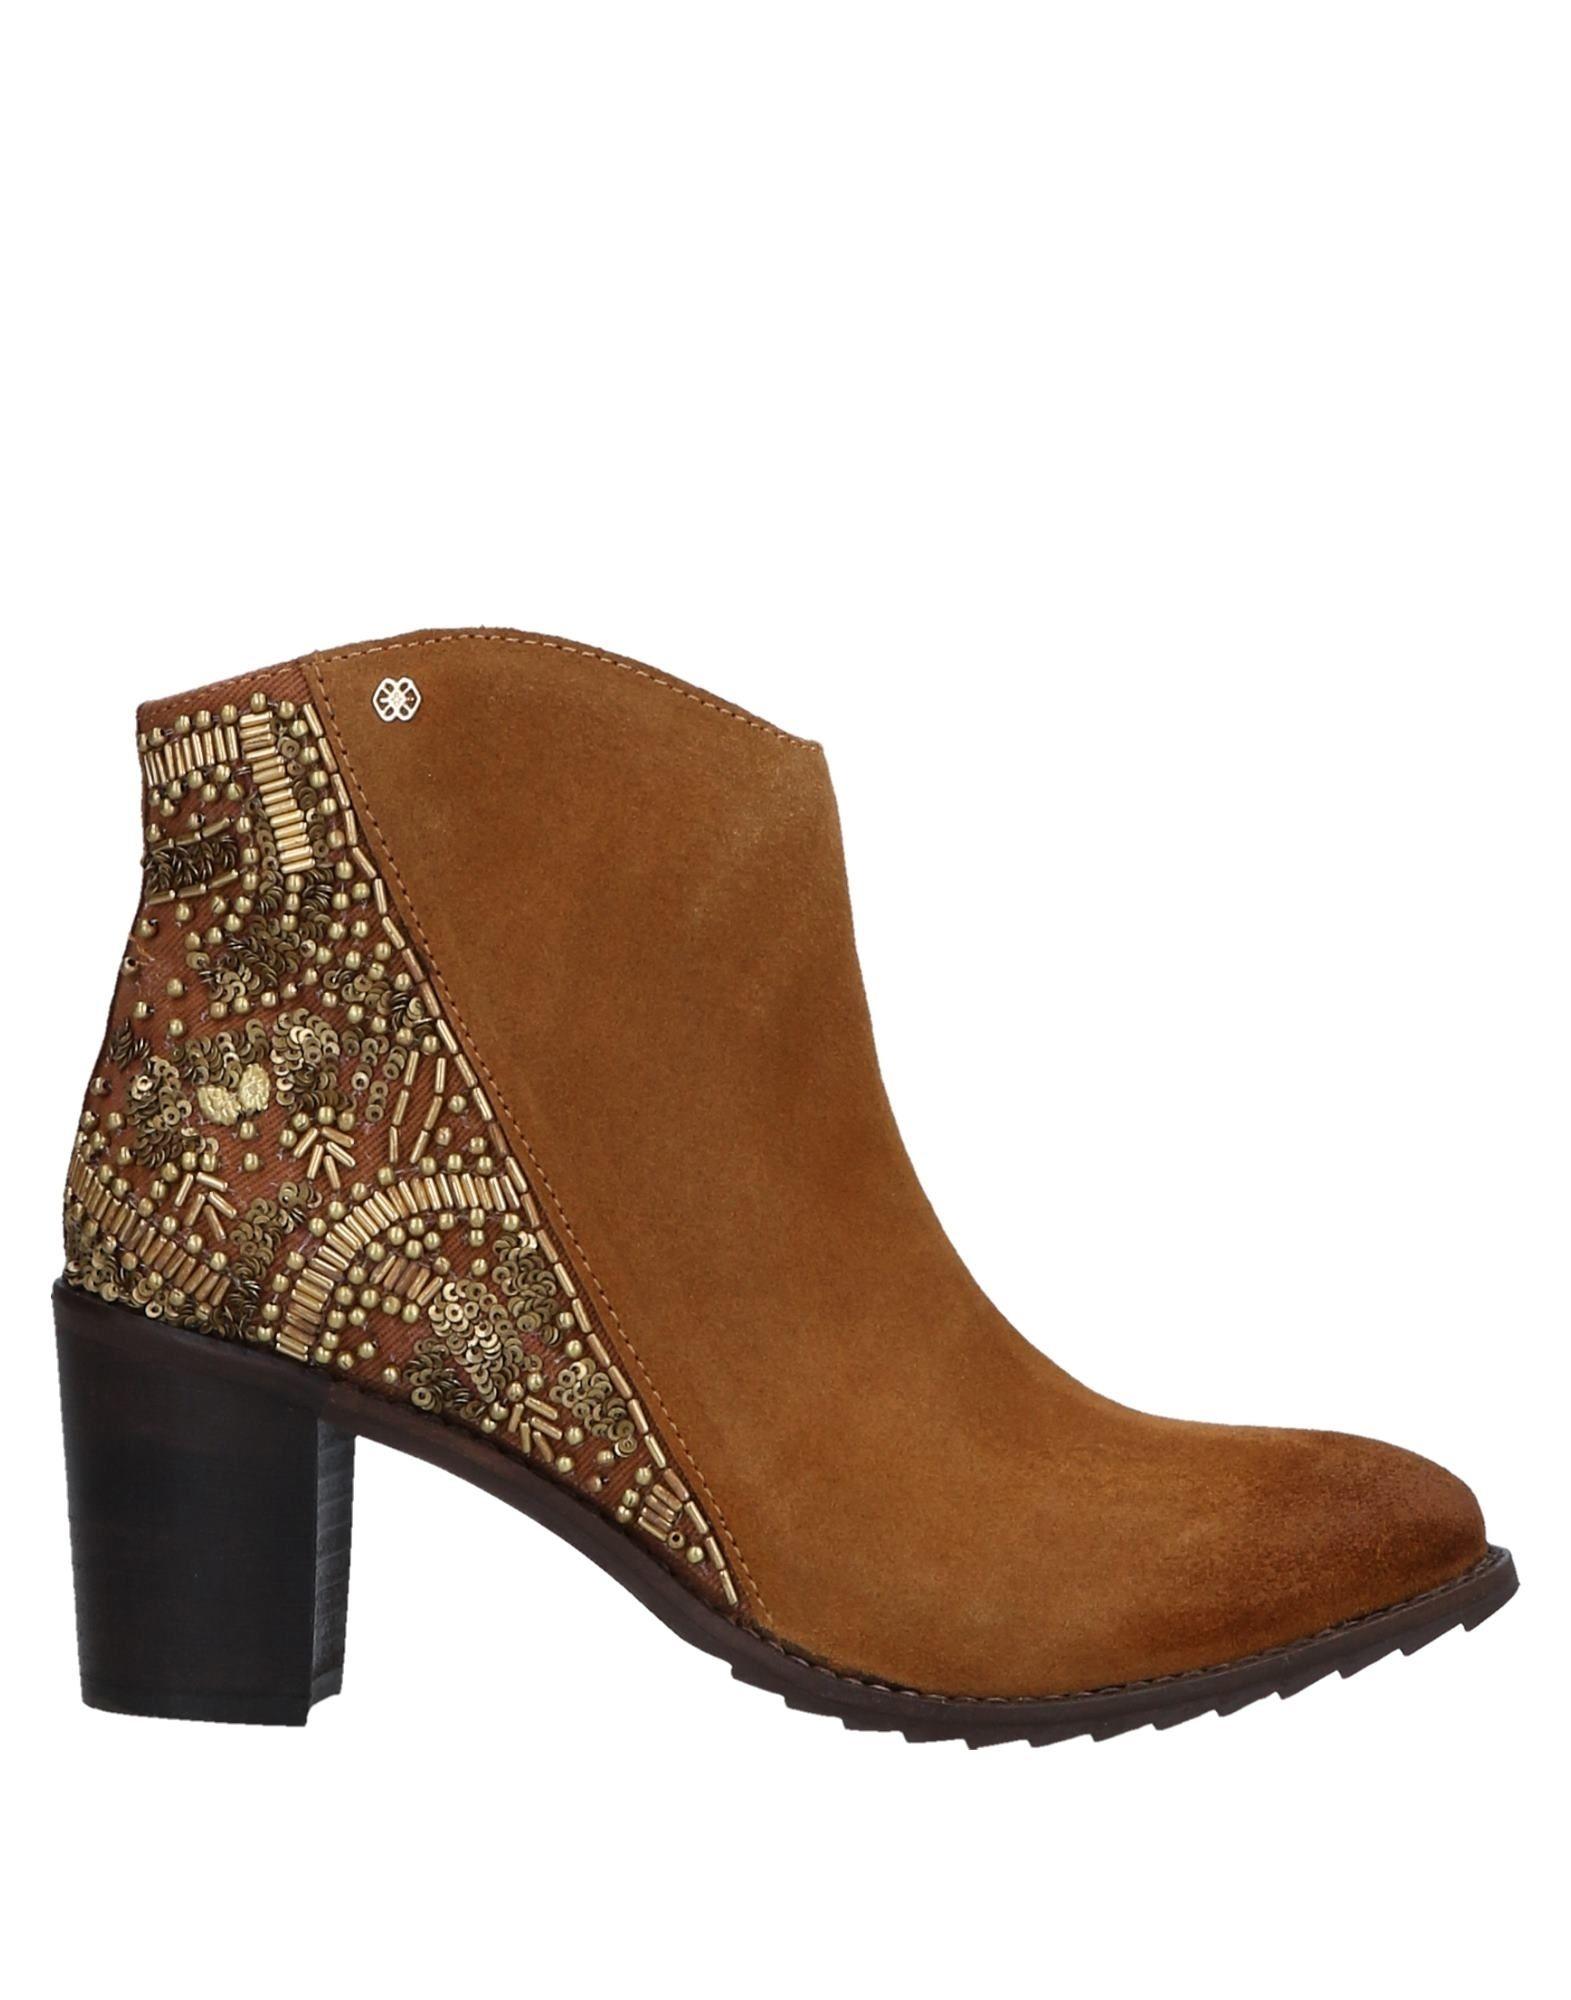 Cuplé Stiefelette Damen  11541281WW Gute Qualität beliebte Schuhe